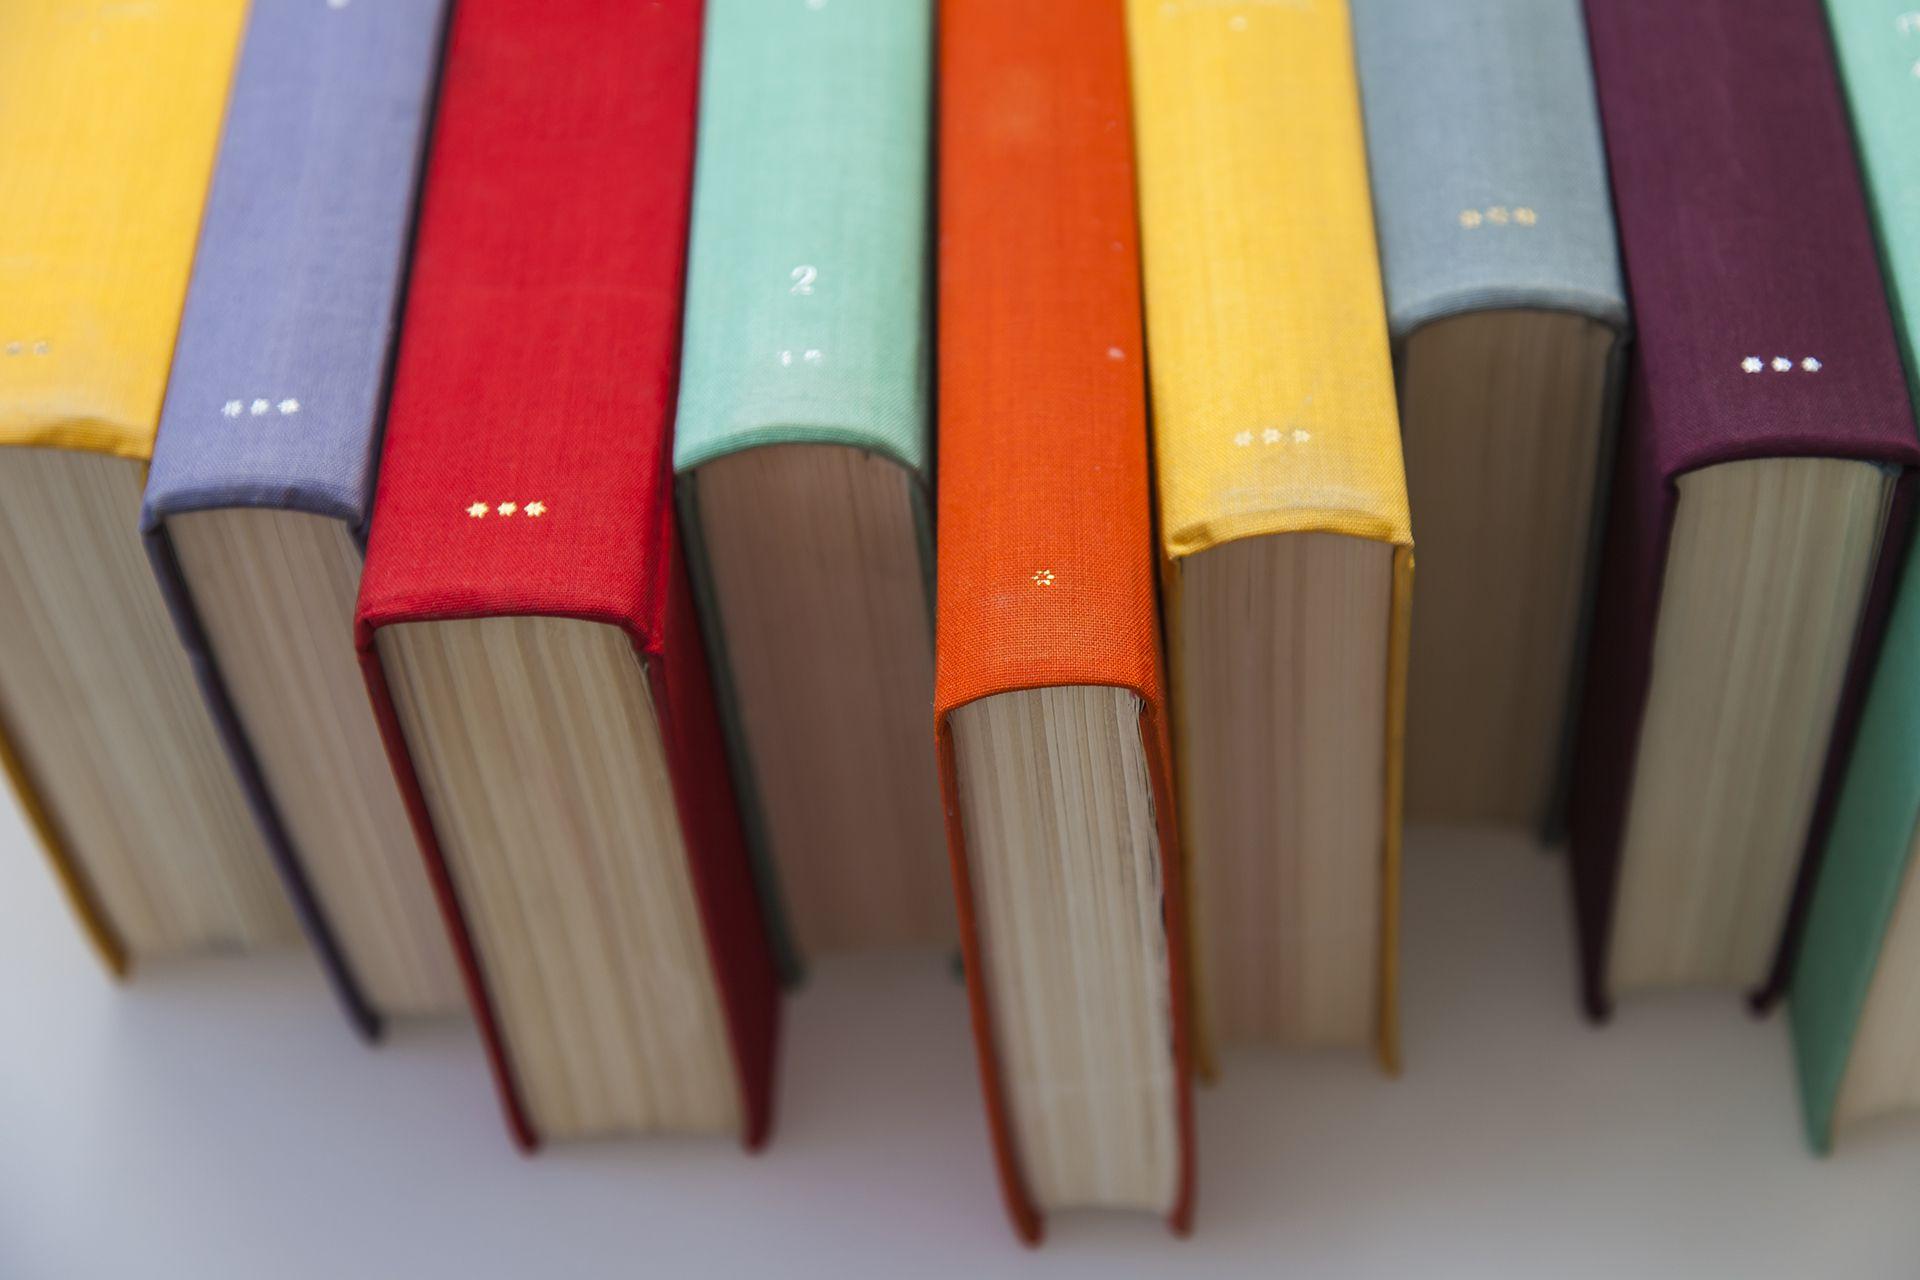 Single post primary school curriculum curriculum books